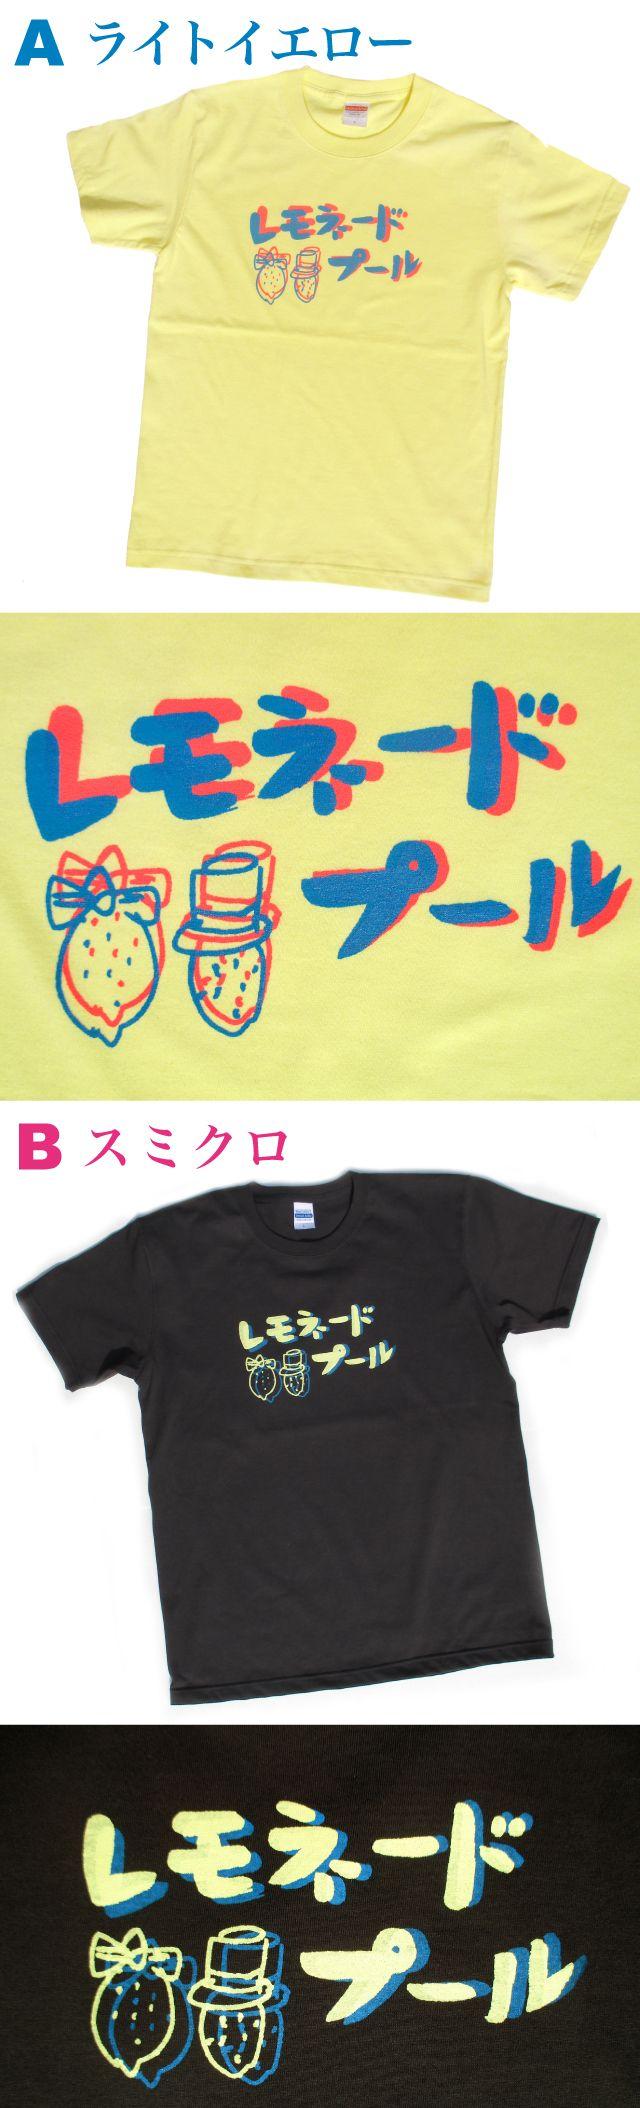 レモネードプールゆるロゴTシャツ(メンズ、レディース)